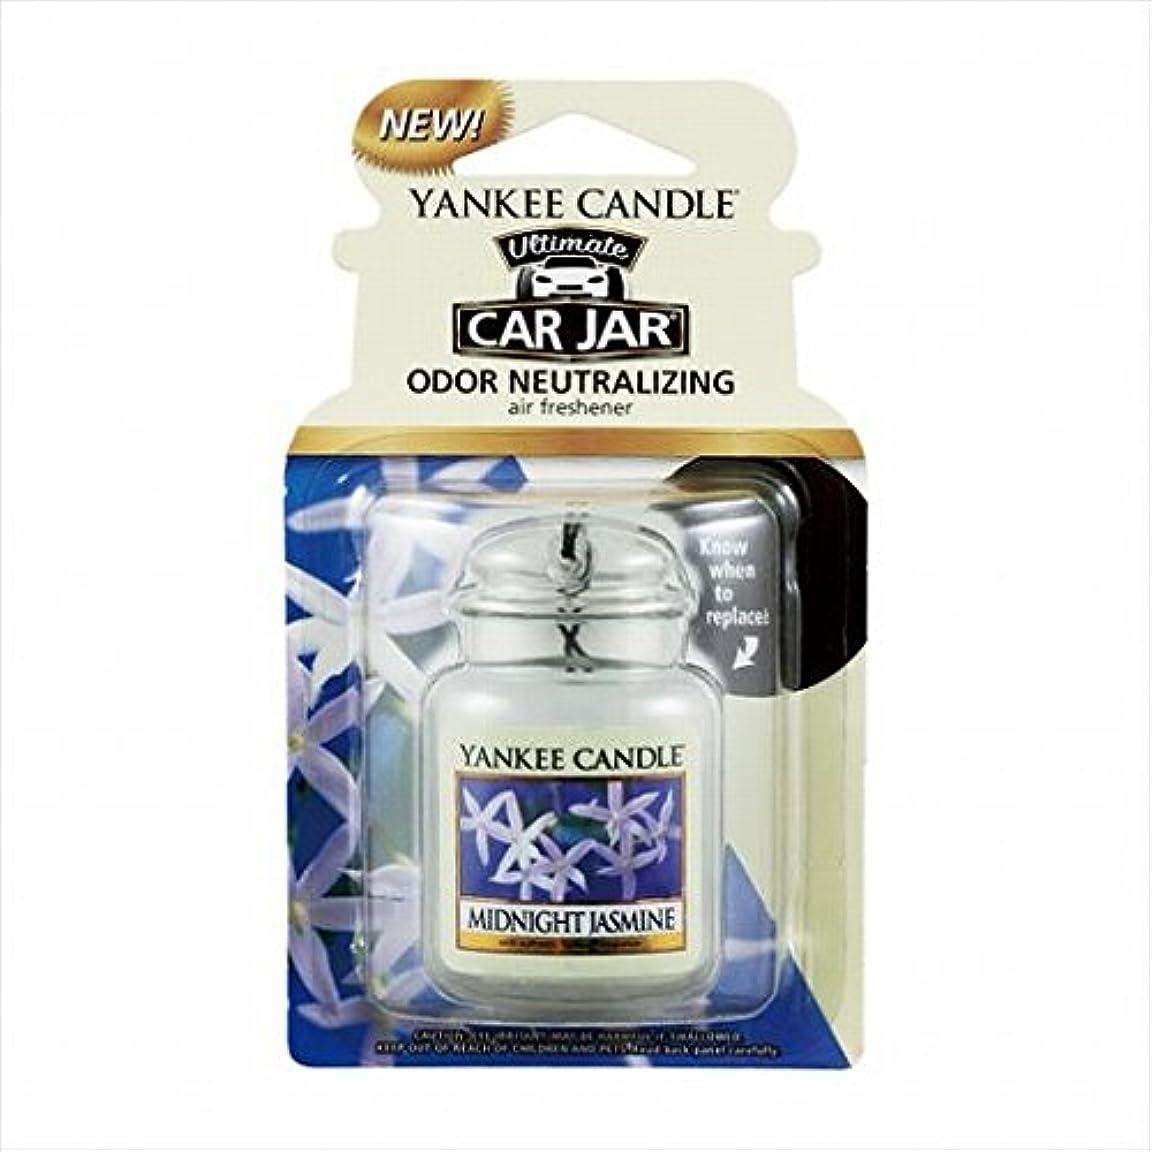 恐れる重々しいメガロポリスカメヤマキャンドル( kameyama candle ) YANKEE CANDLE ネオカージャー 「 ミッドナイトジャスミン 」